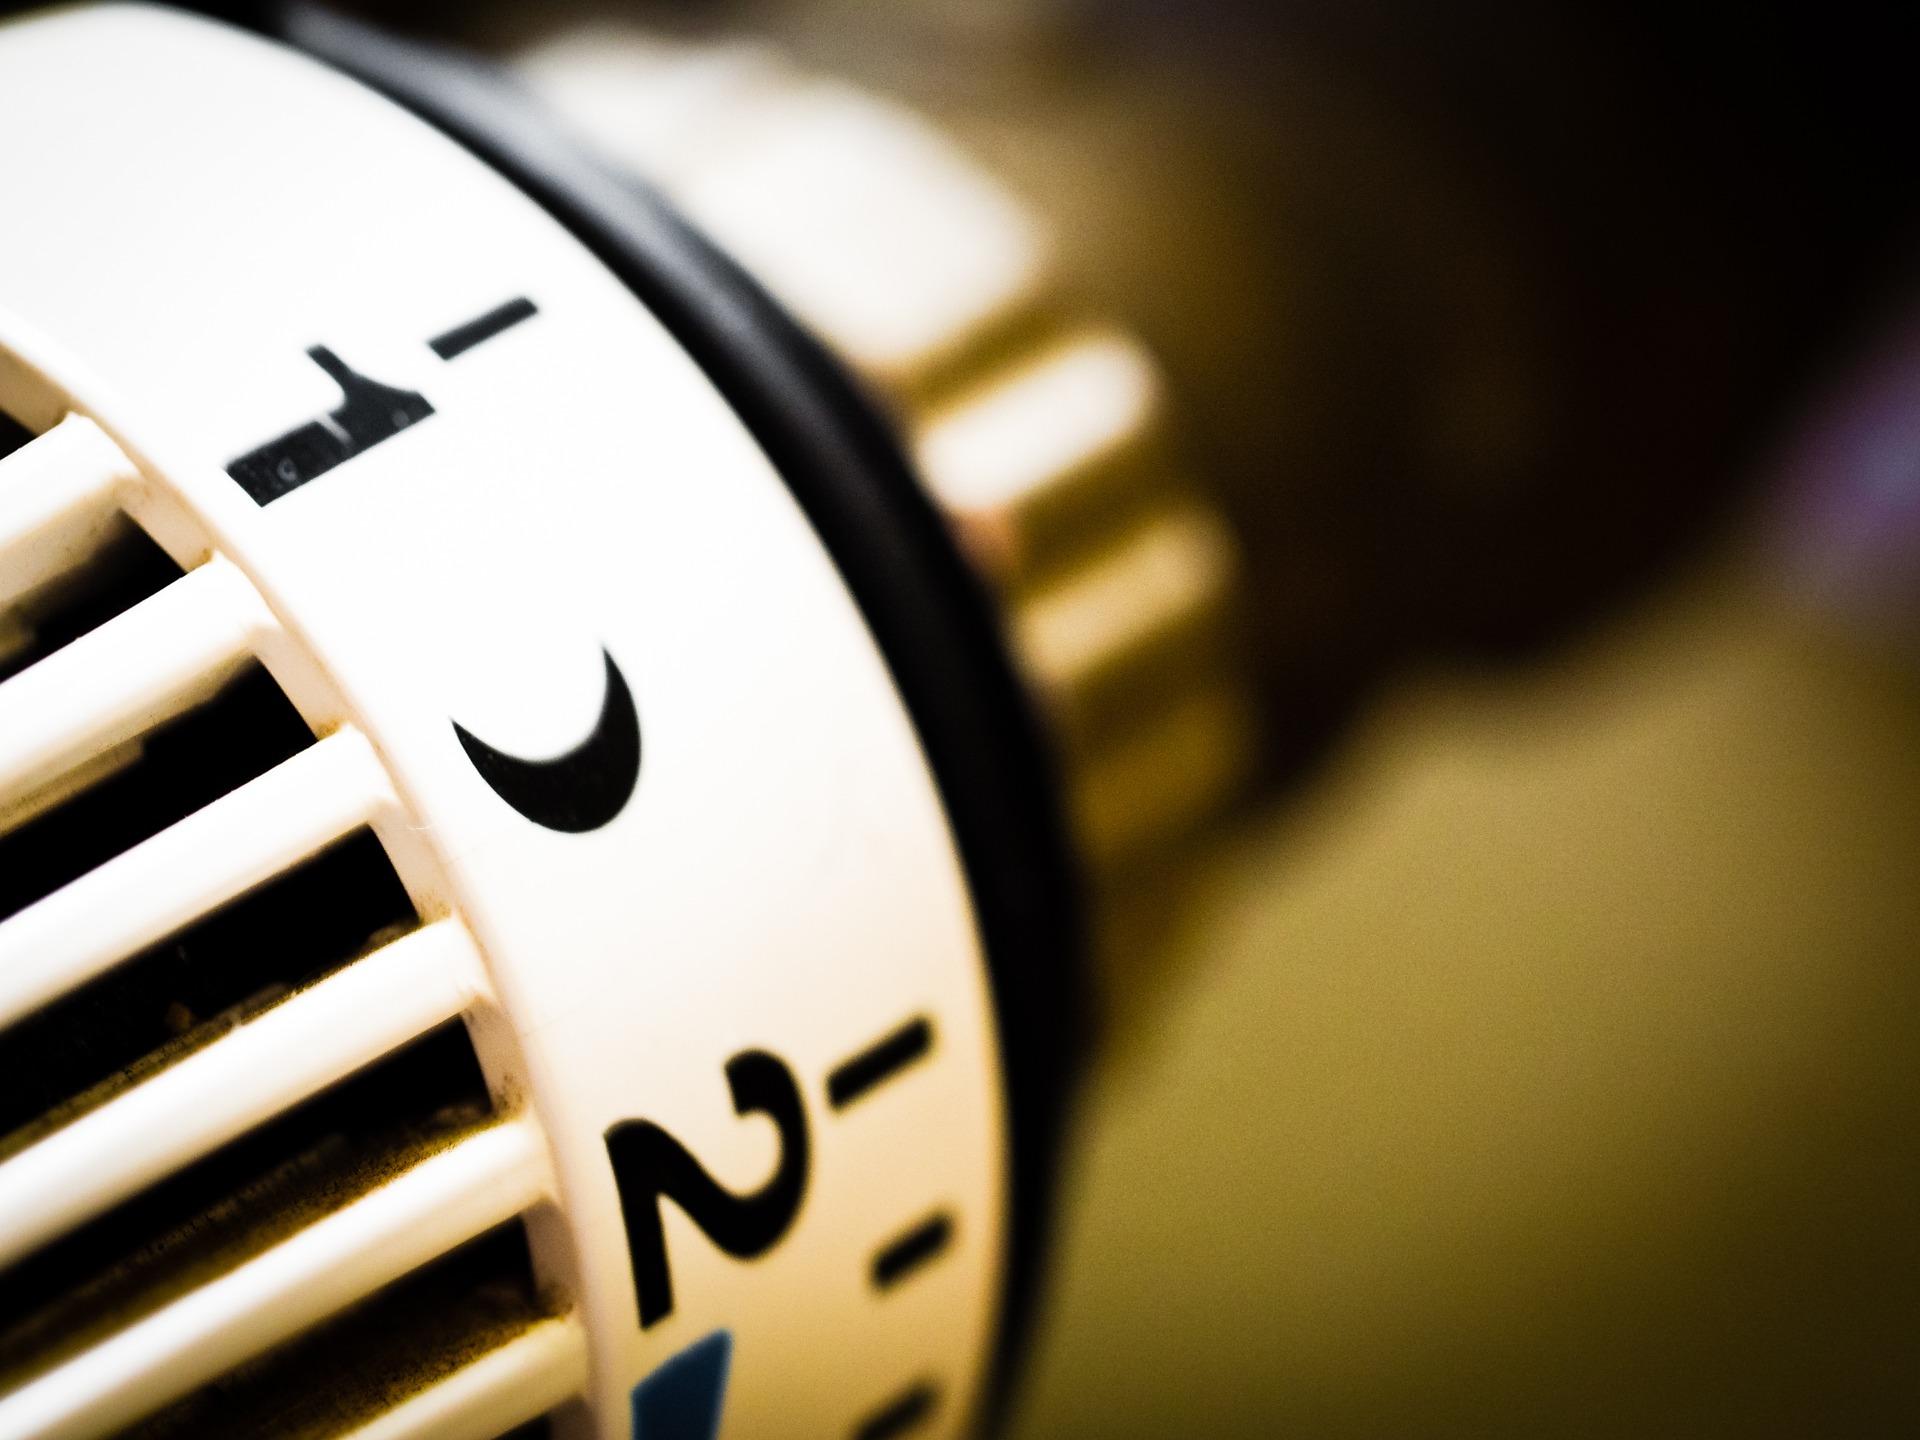 Agenzia delle Entrate – Superbonus per immobile sprovvisto ab origine di impianto di riscaldamento.